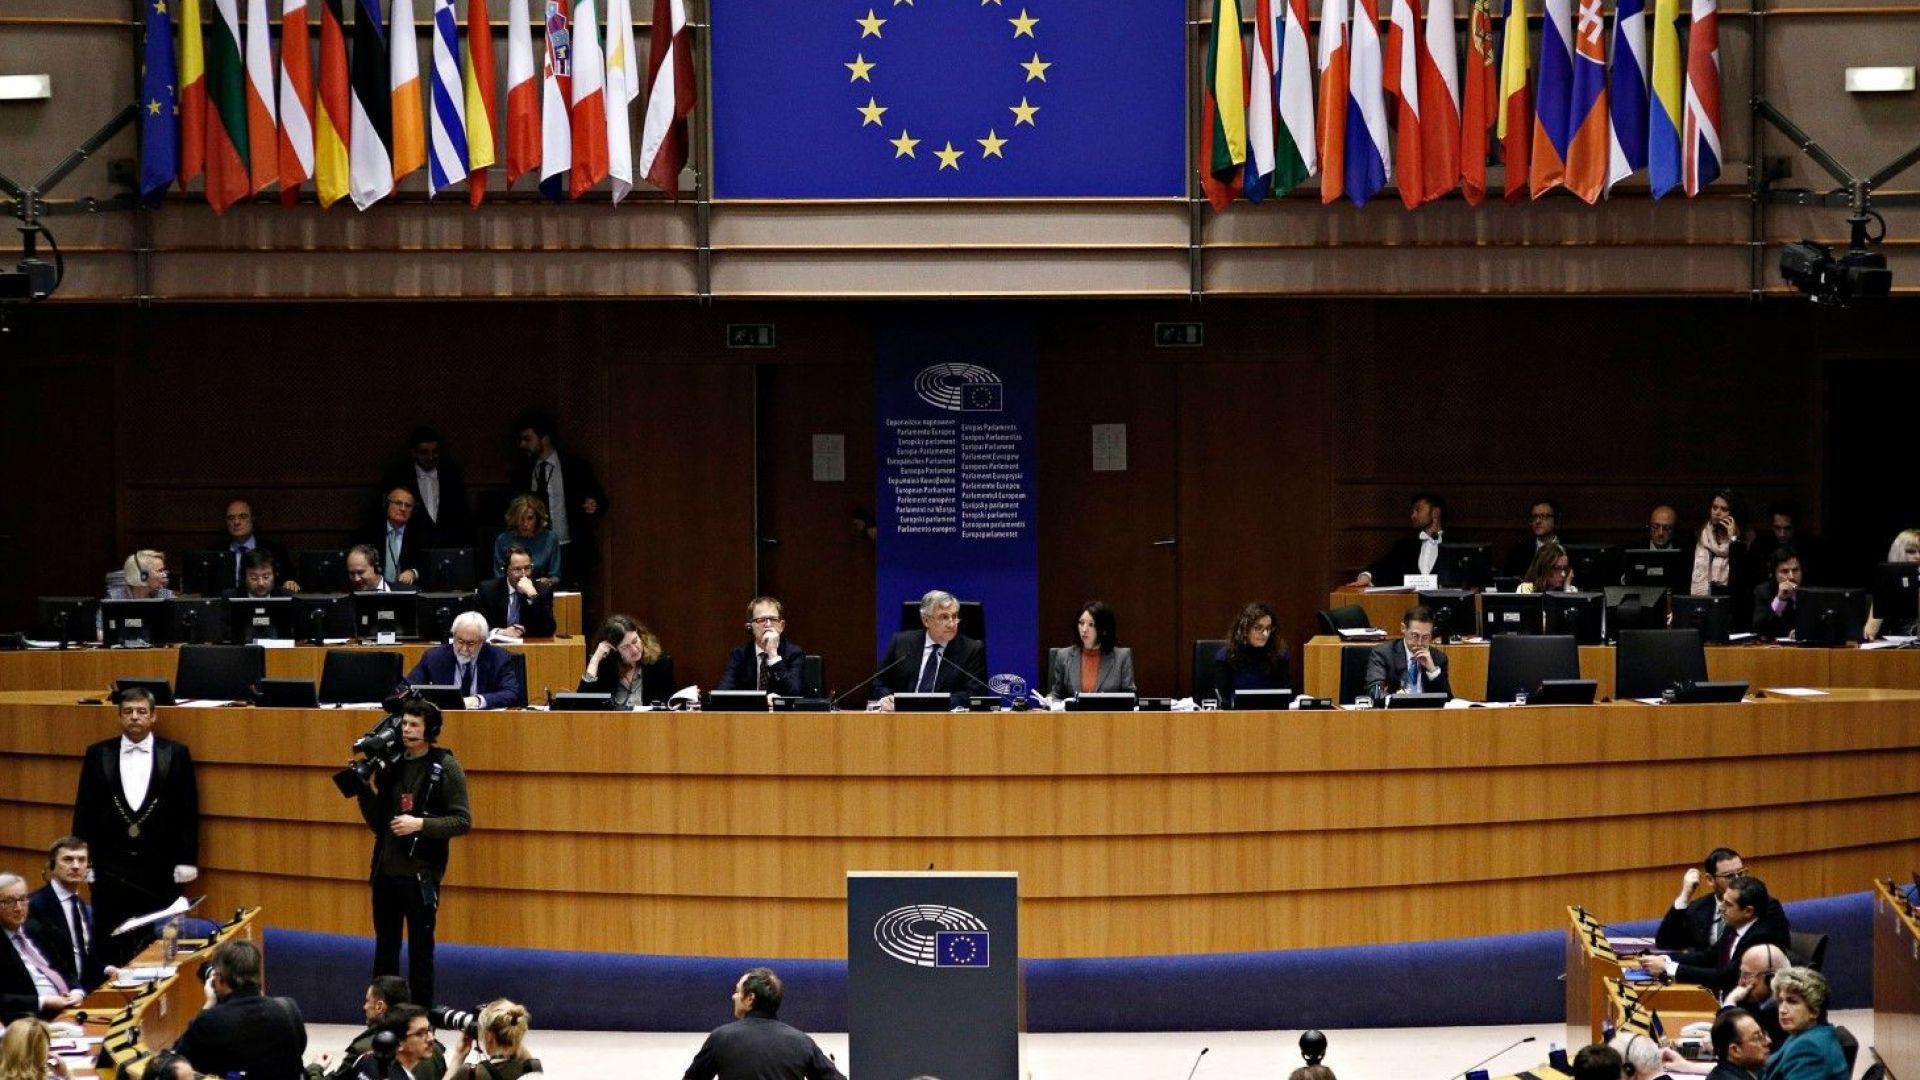 Поне 13 страни от ЕС, сред тях и България, подписват споразумение с Китай